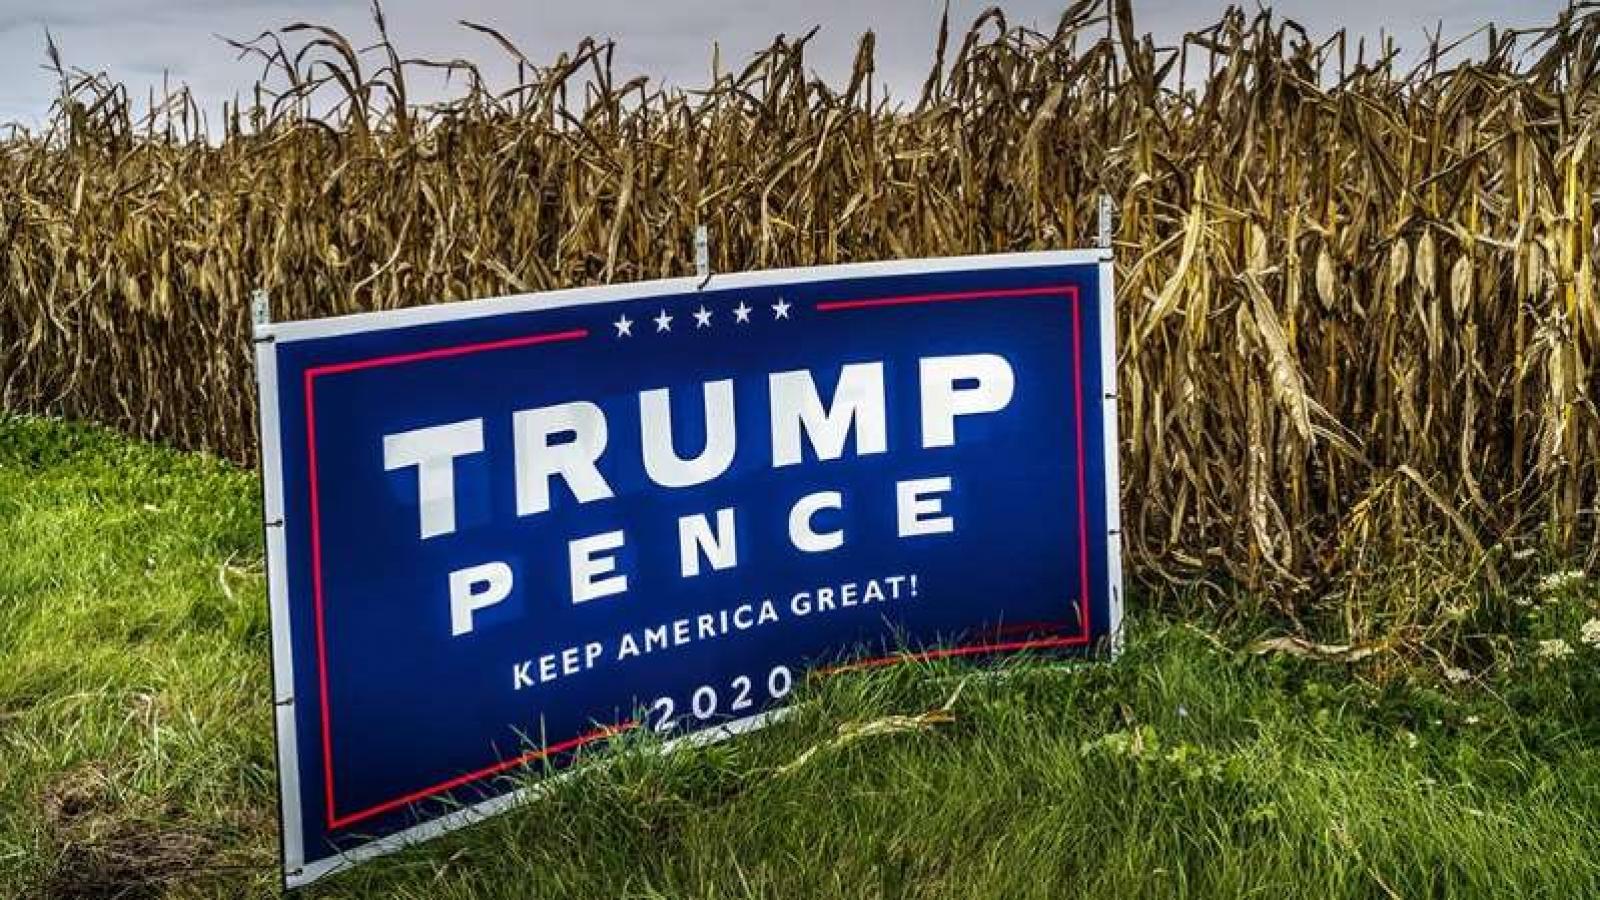 Chao đảo vì thương chiến và Covid-19, nhóm cử tri nông dân vẫn bỏ phiếu cho Trump